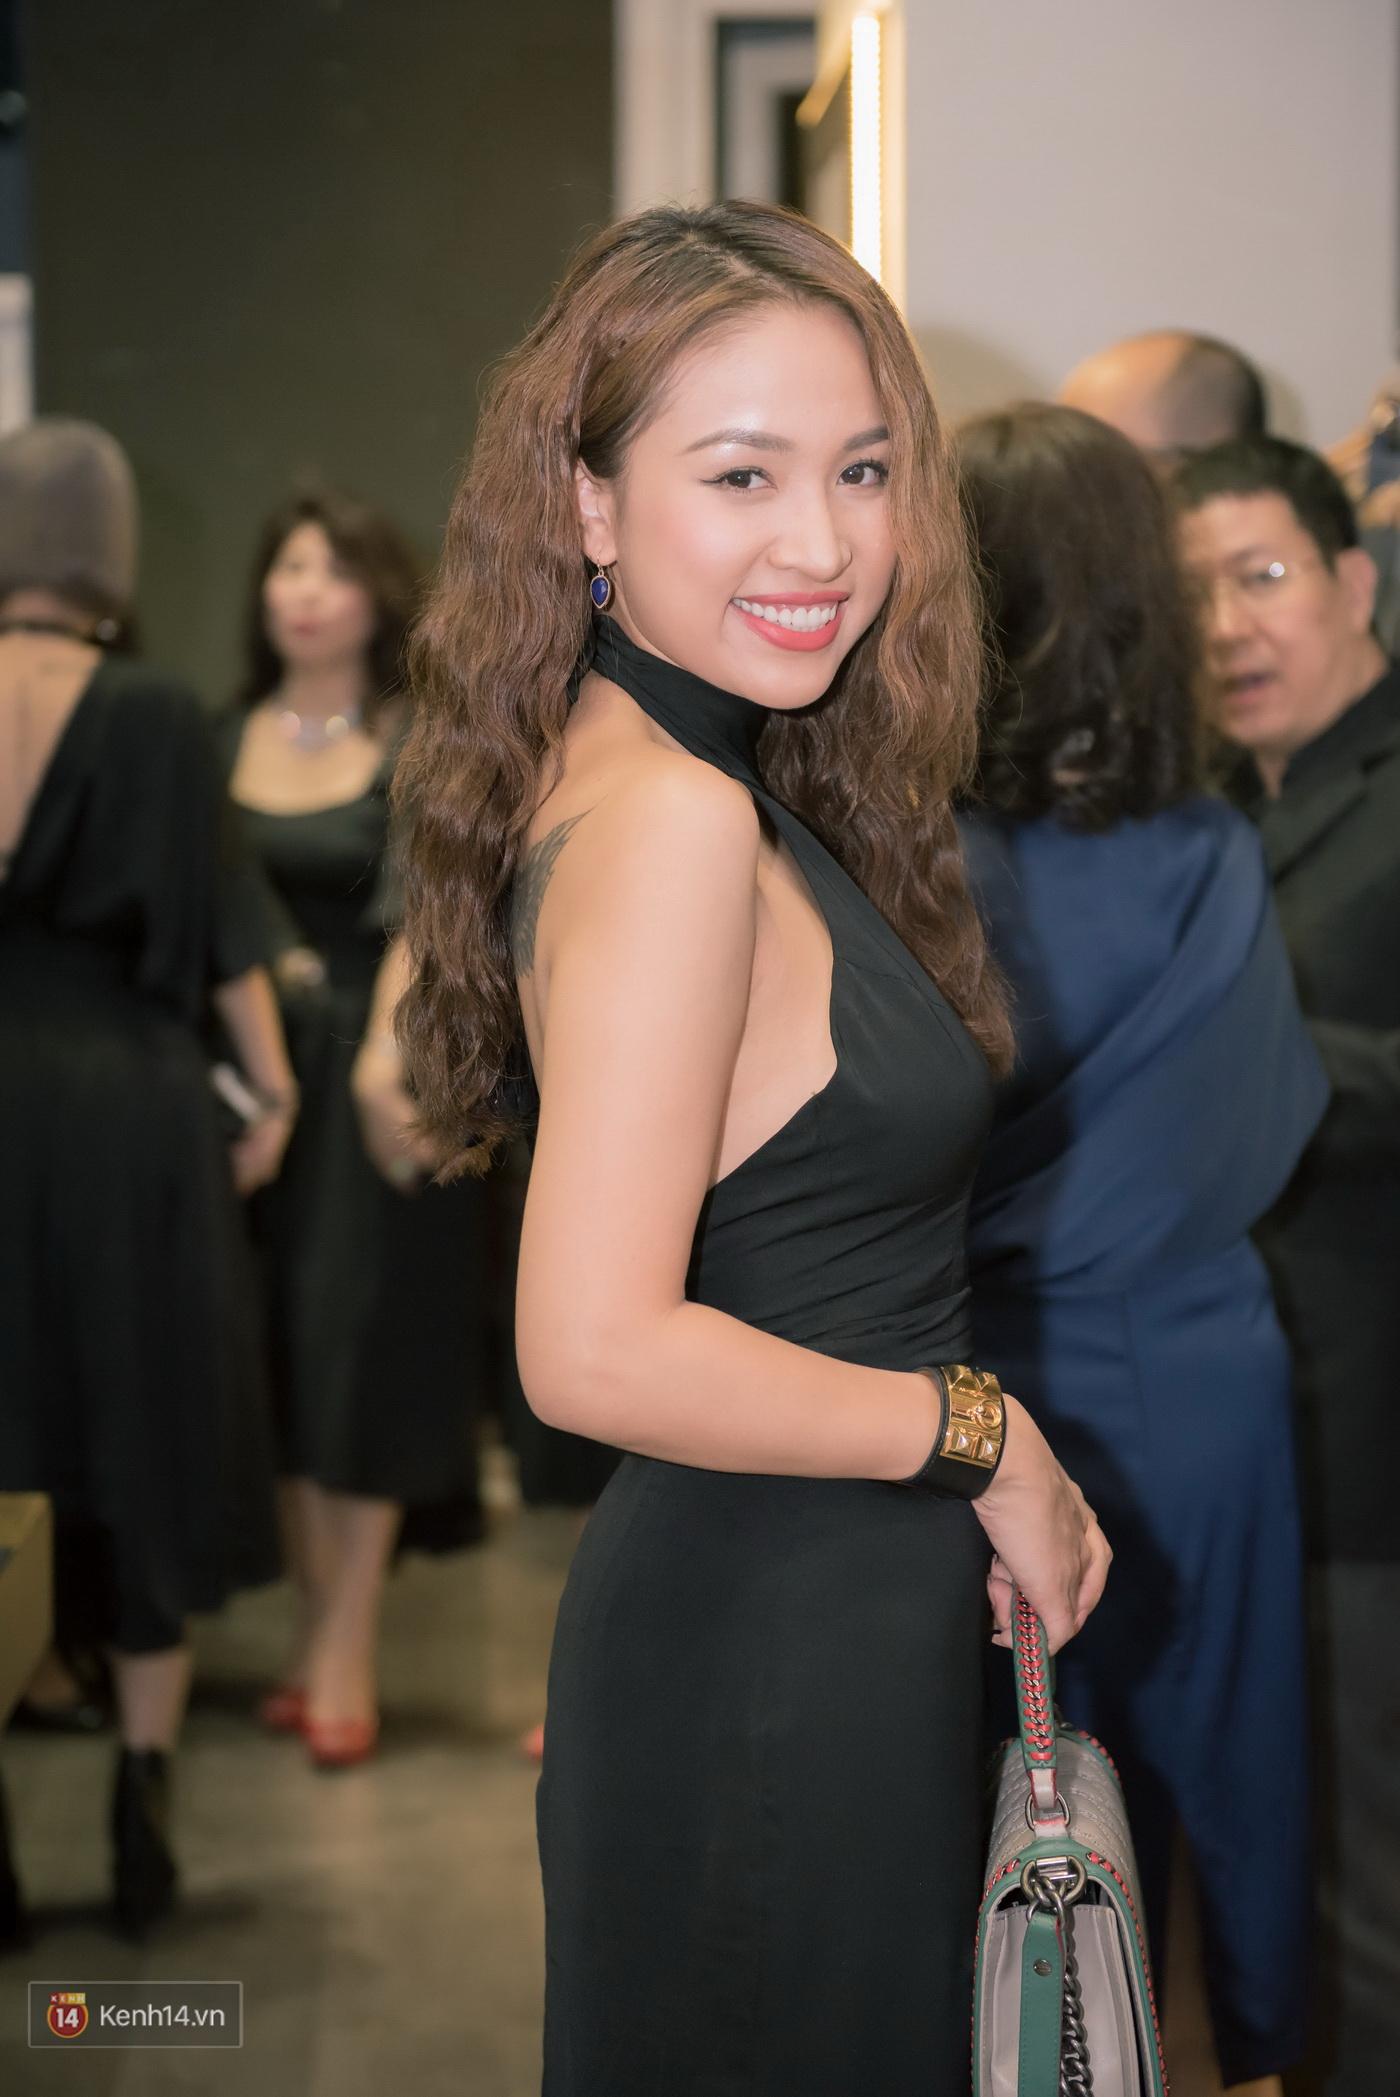 Thuỳ Chi dịu dàng, hội ngộ dàn người đẹp Hà thành tại sự kiện - Ảnh 5.